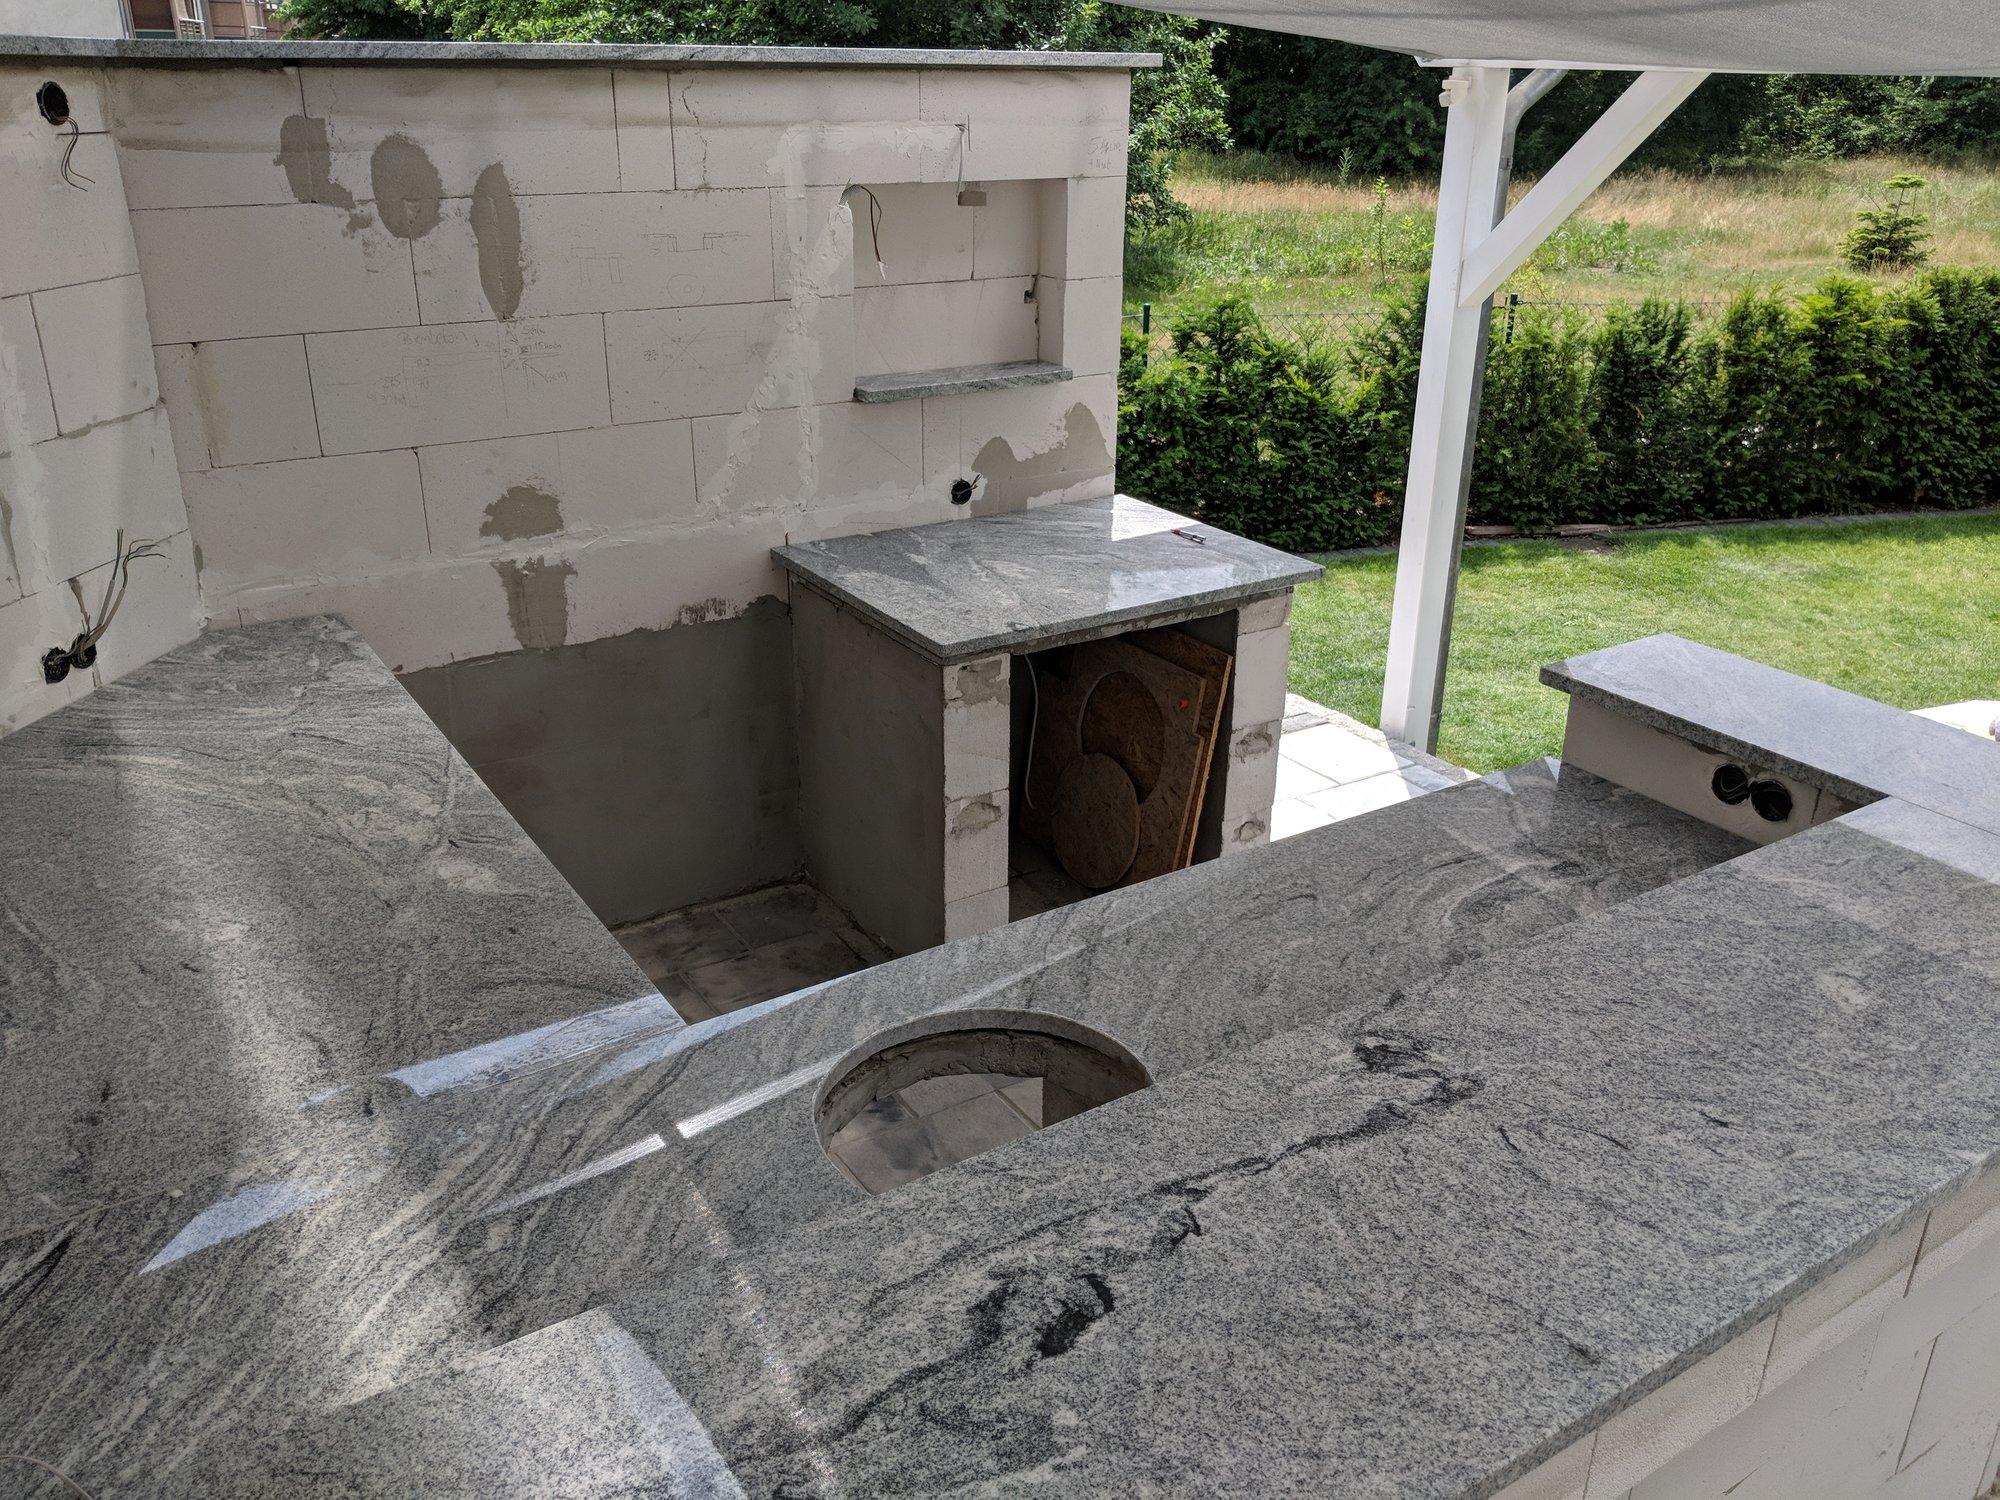 Outdoorküche Arbeitsplatte Zubehör : Outdoorküche arbeitsplatte zubehör von arbeitsplatte zur outdoor